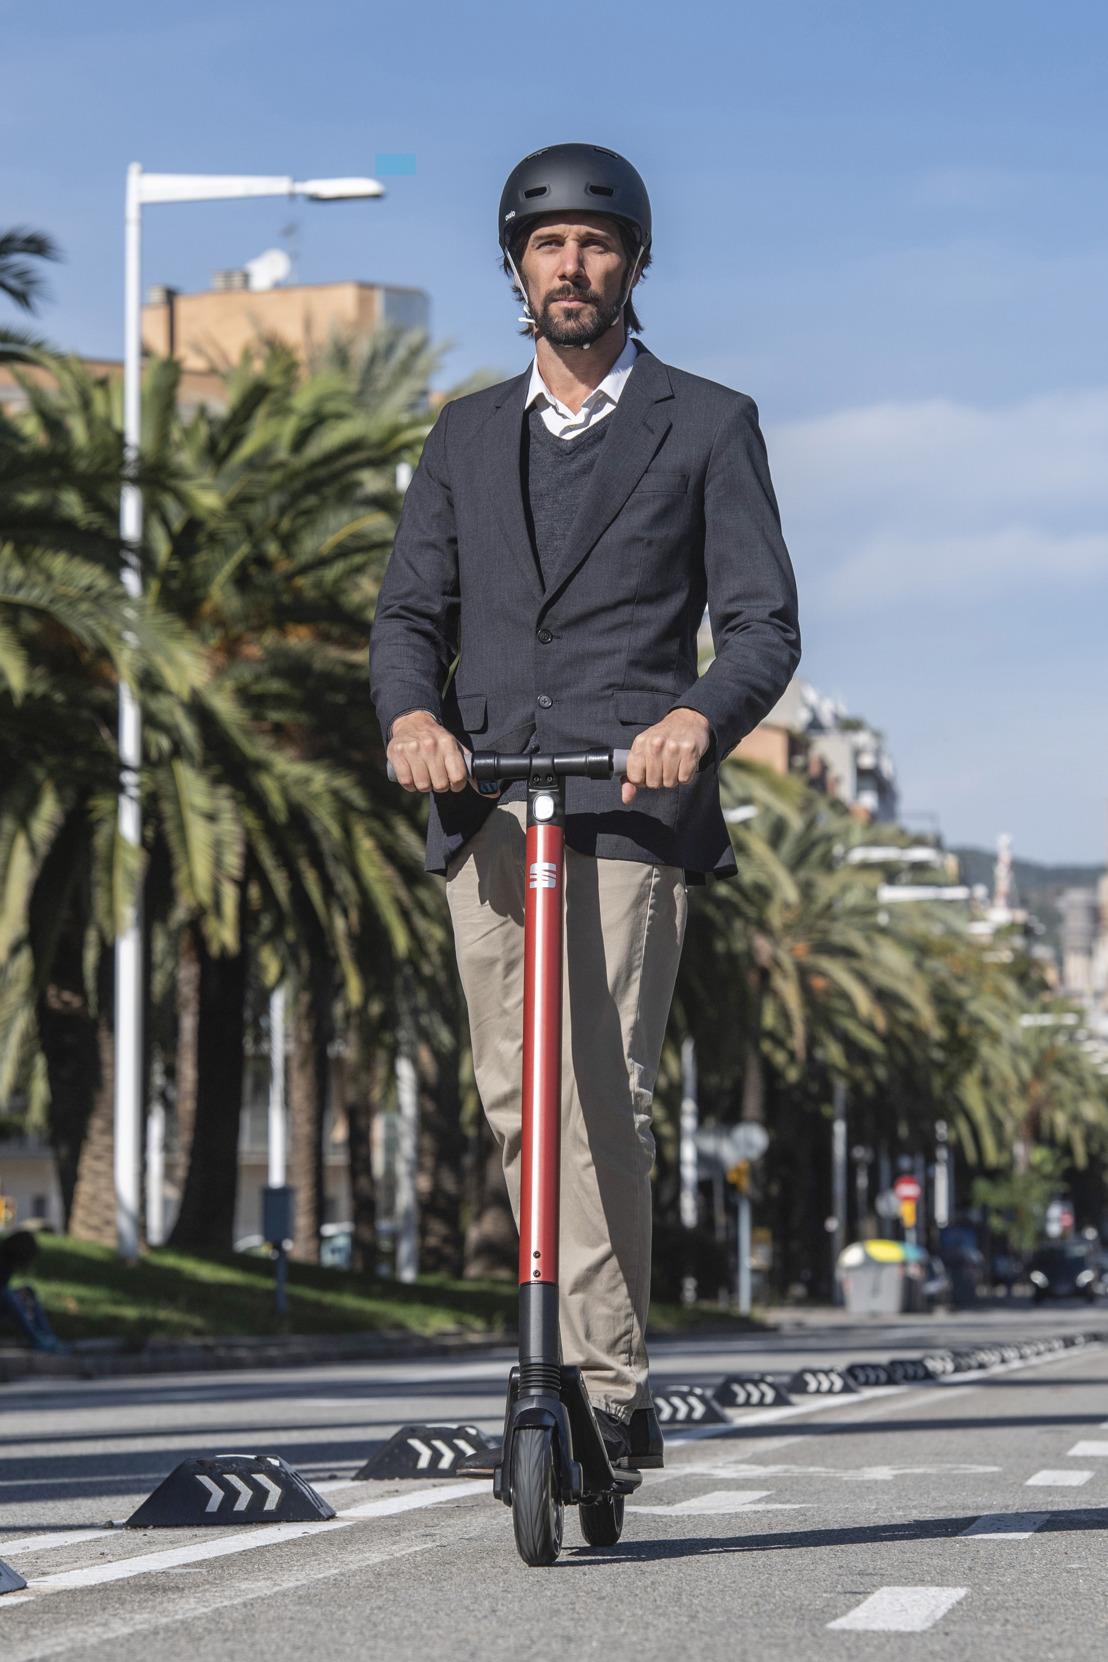 SEAT lance stratégie de micromobilité avec le nouveau KickScooter eXS